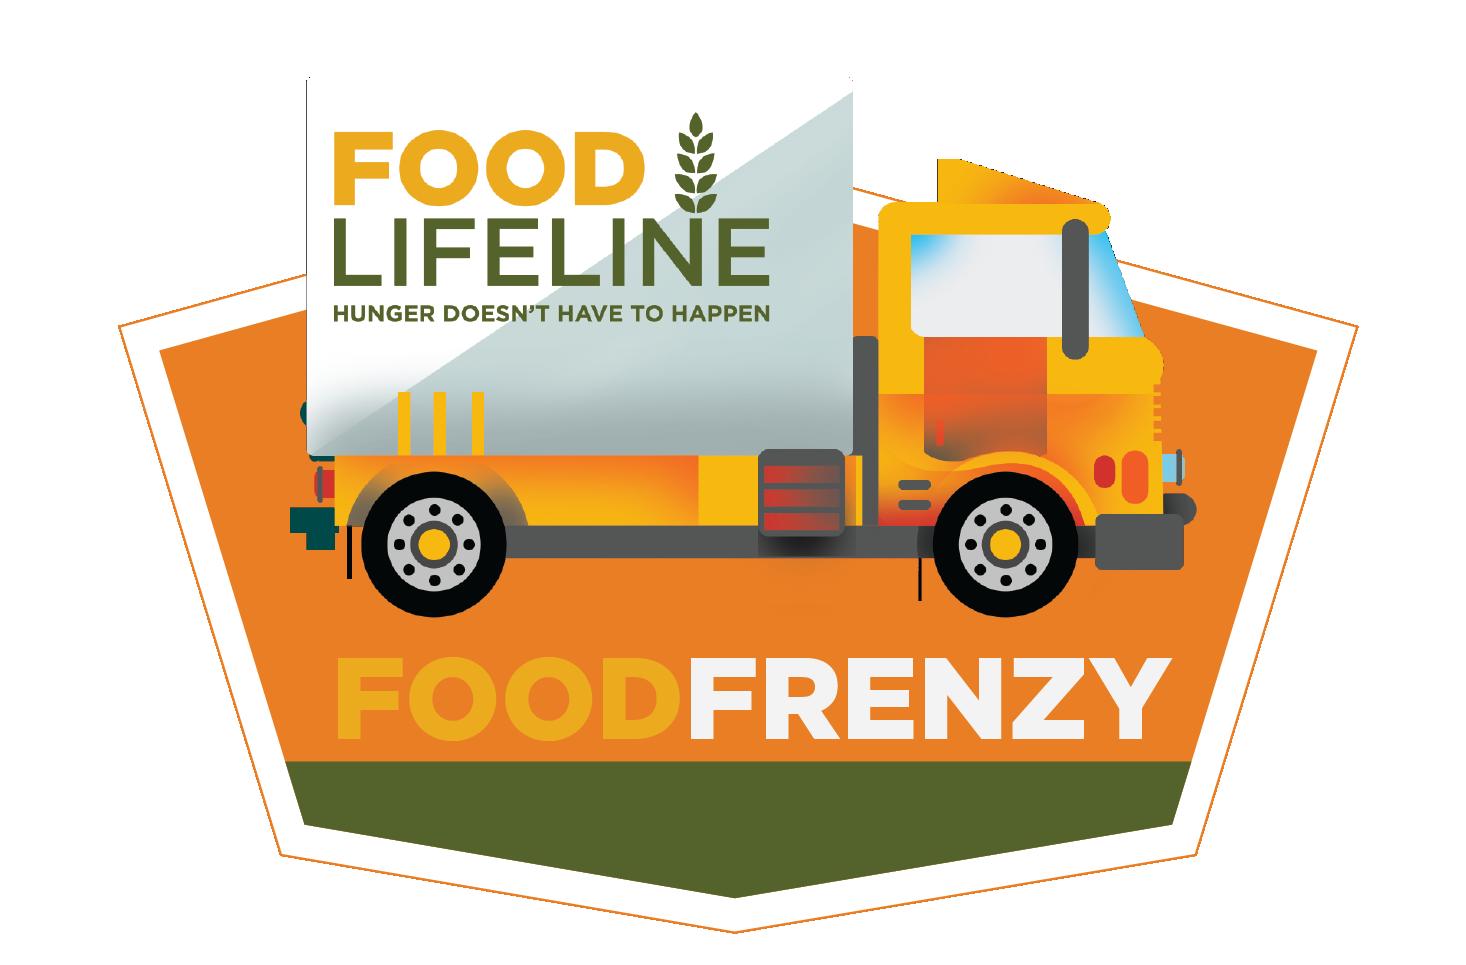 Food Frenzy 2021